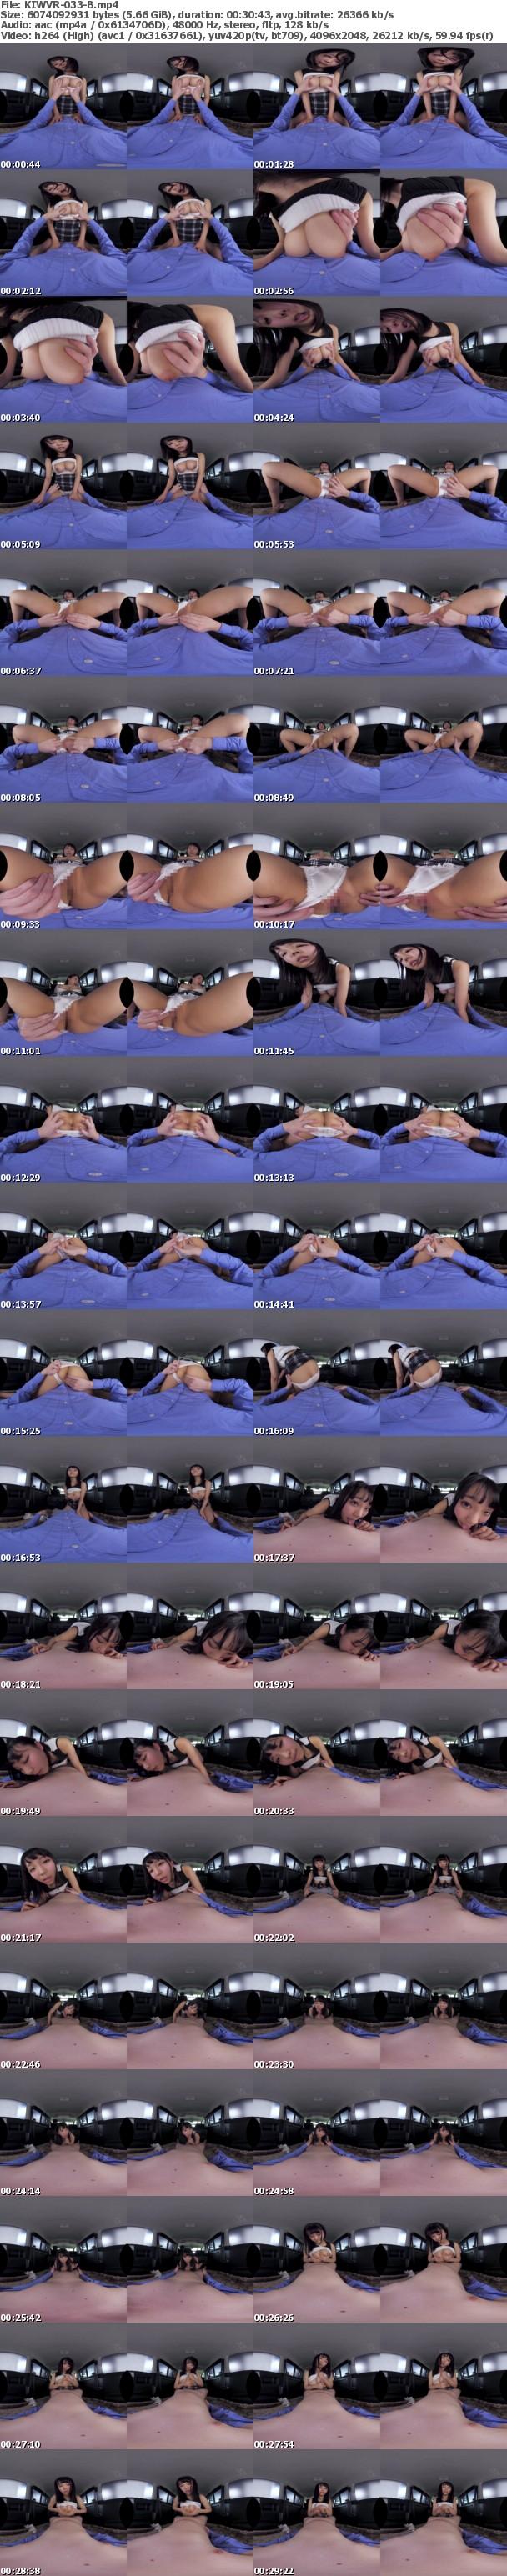 (VR) KIWVR-033 HQ超画質革命! ロケット神巨乳の『るかちゃん』と狭い車内でラブラブ密着◆中出しカーSEX! 稲場るか